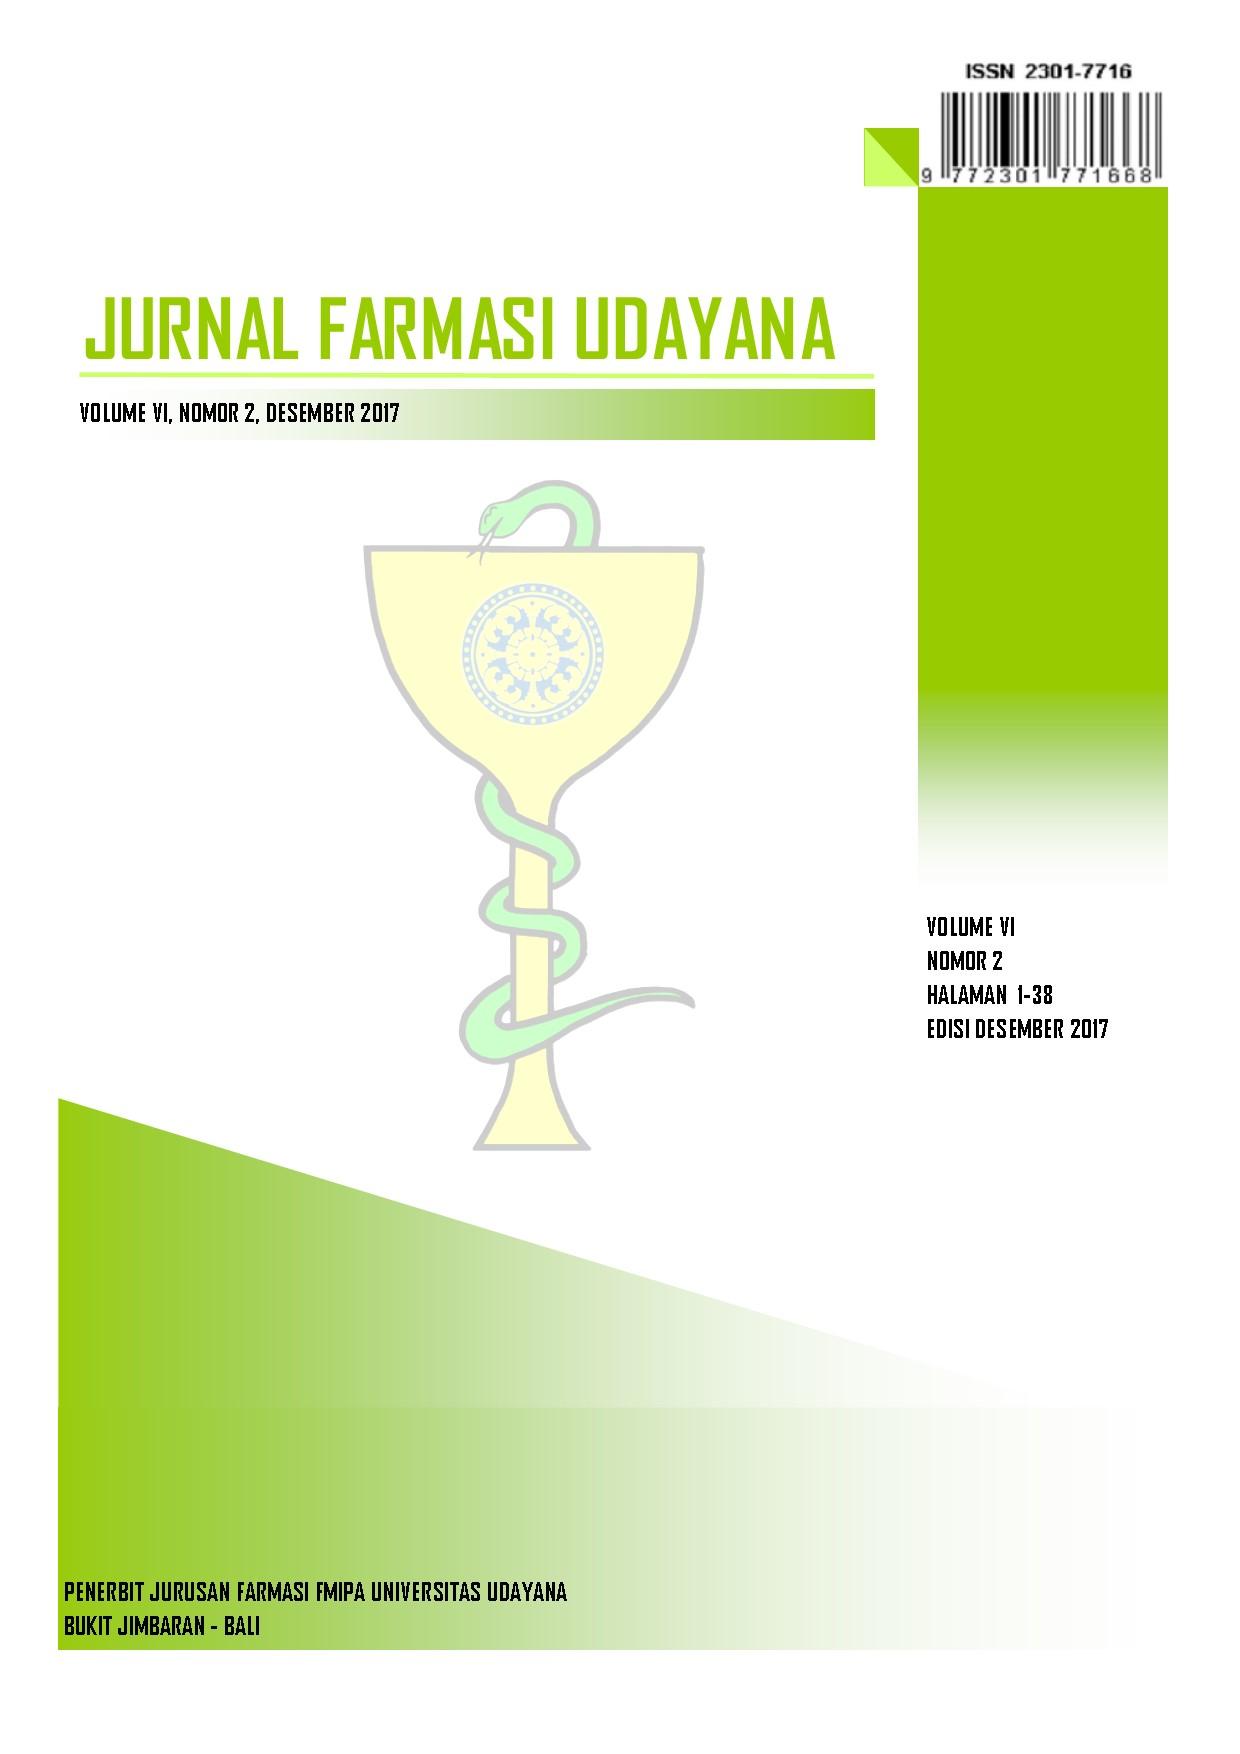 produk herbal alami,obatherbal,herba,terapi herbal,herbal alami,bahan alami